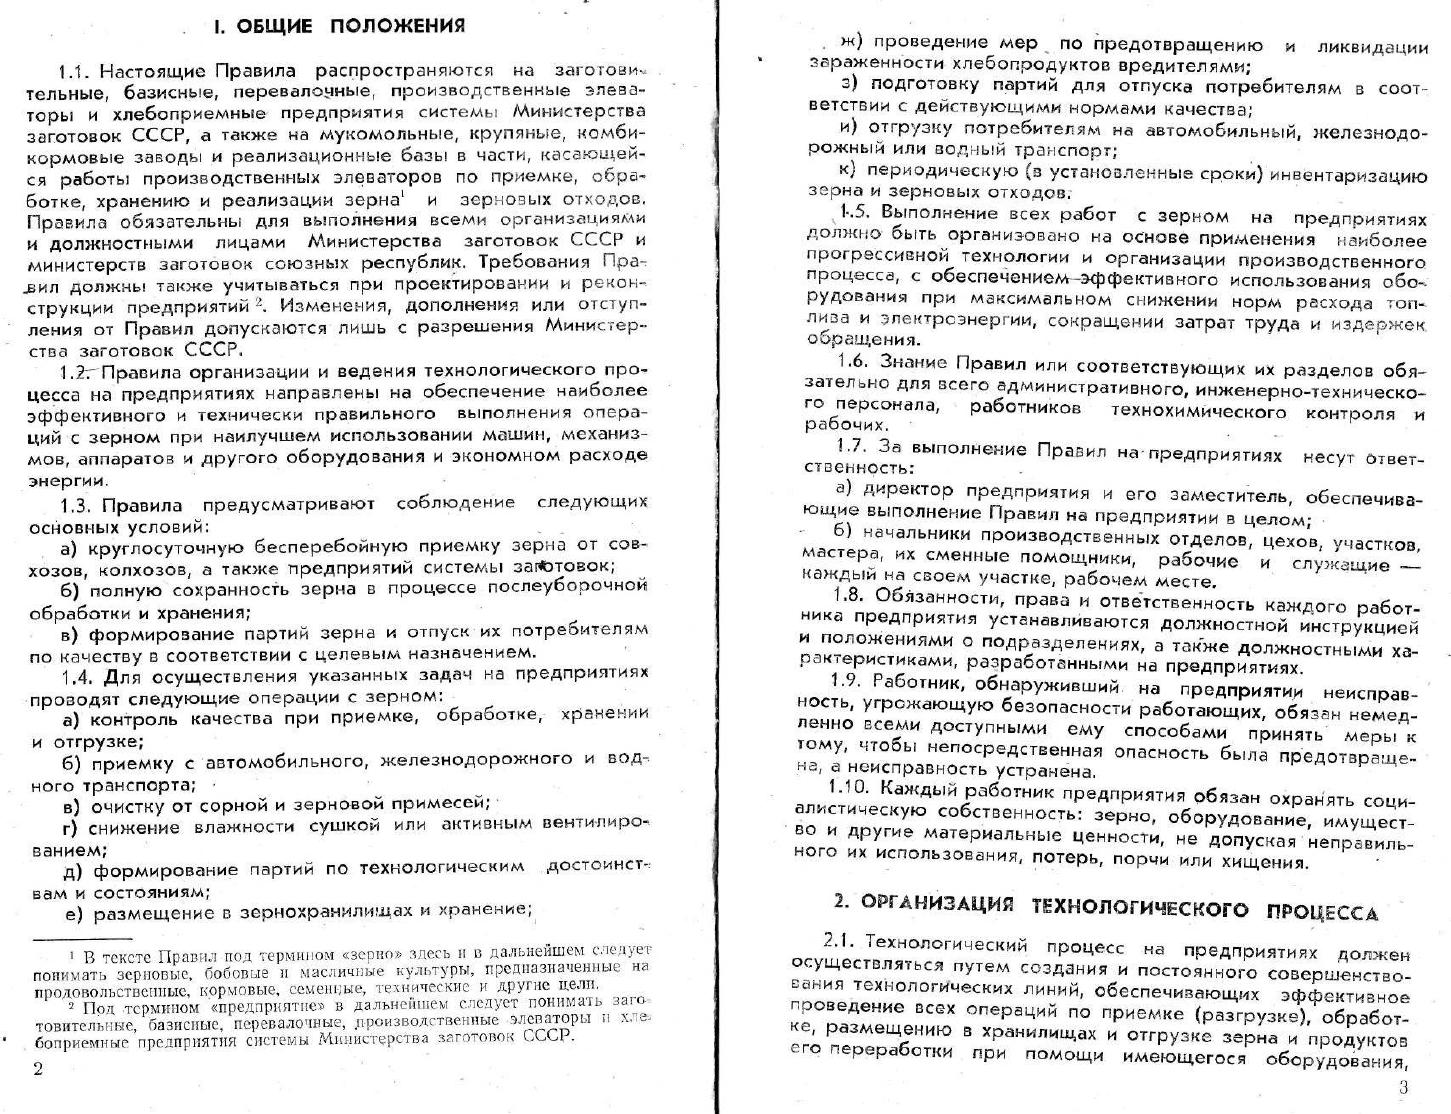 Правила организации и ведения технологического процесса на элеваторах и хлебоприемных предприятия транспортер прямой ленточный